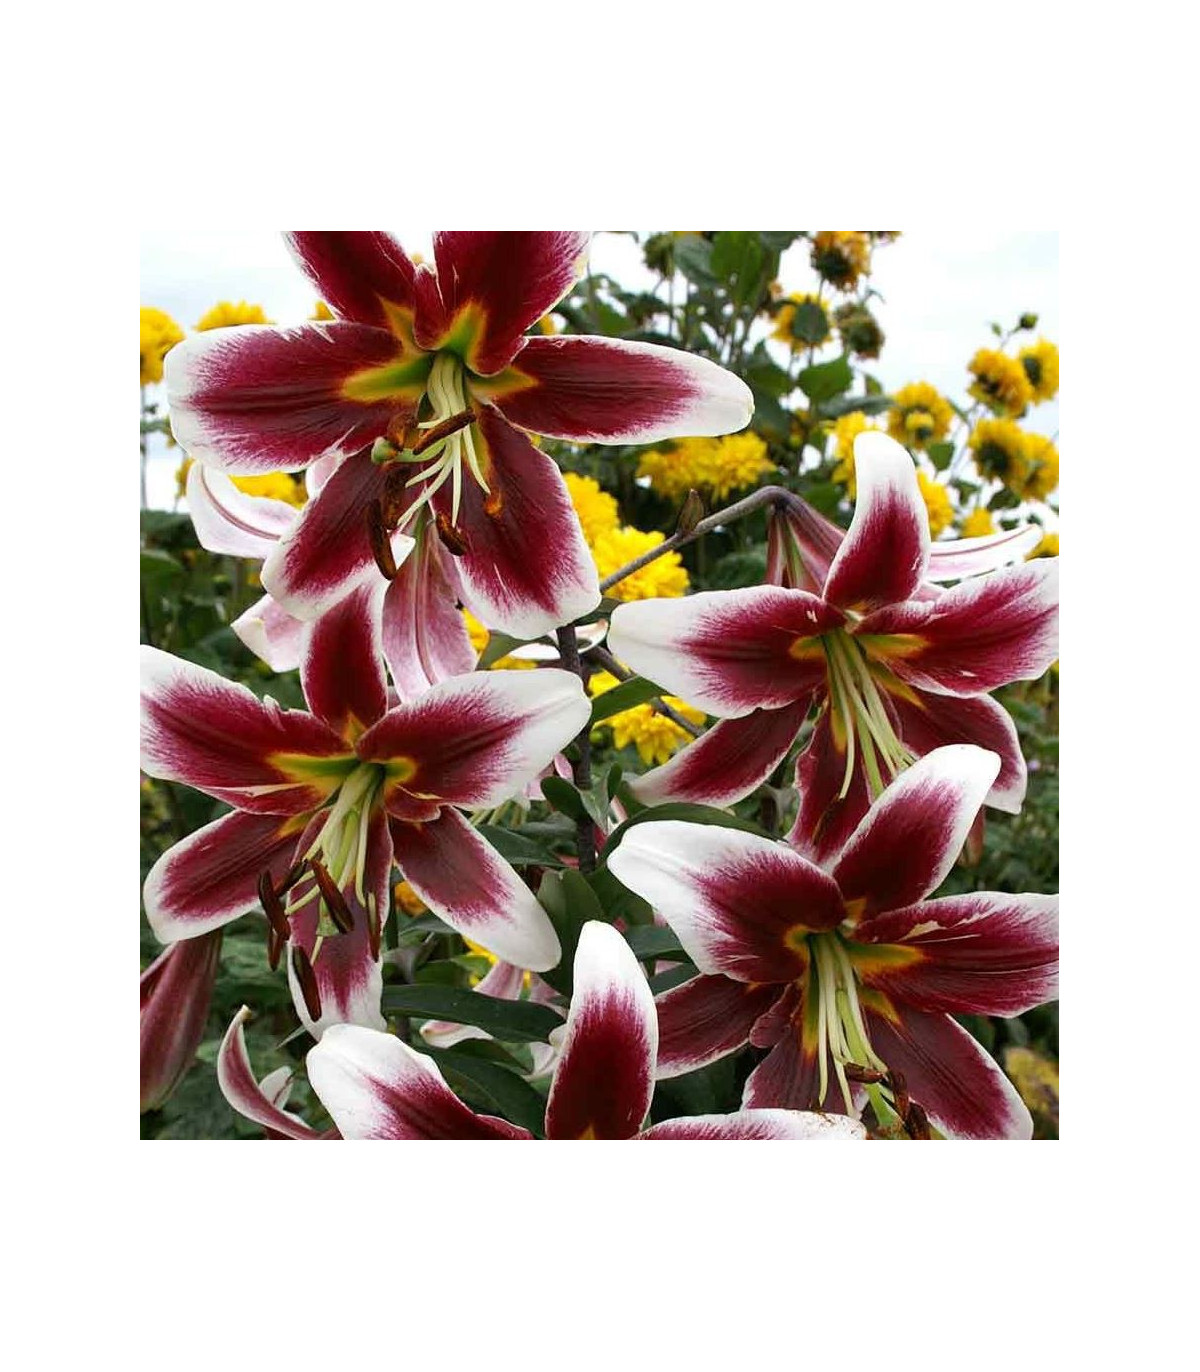 Lilie Ot Miss Lilly - obří lilie - holandské cibule lilií - 1 ks